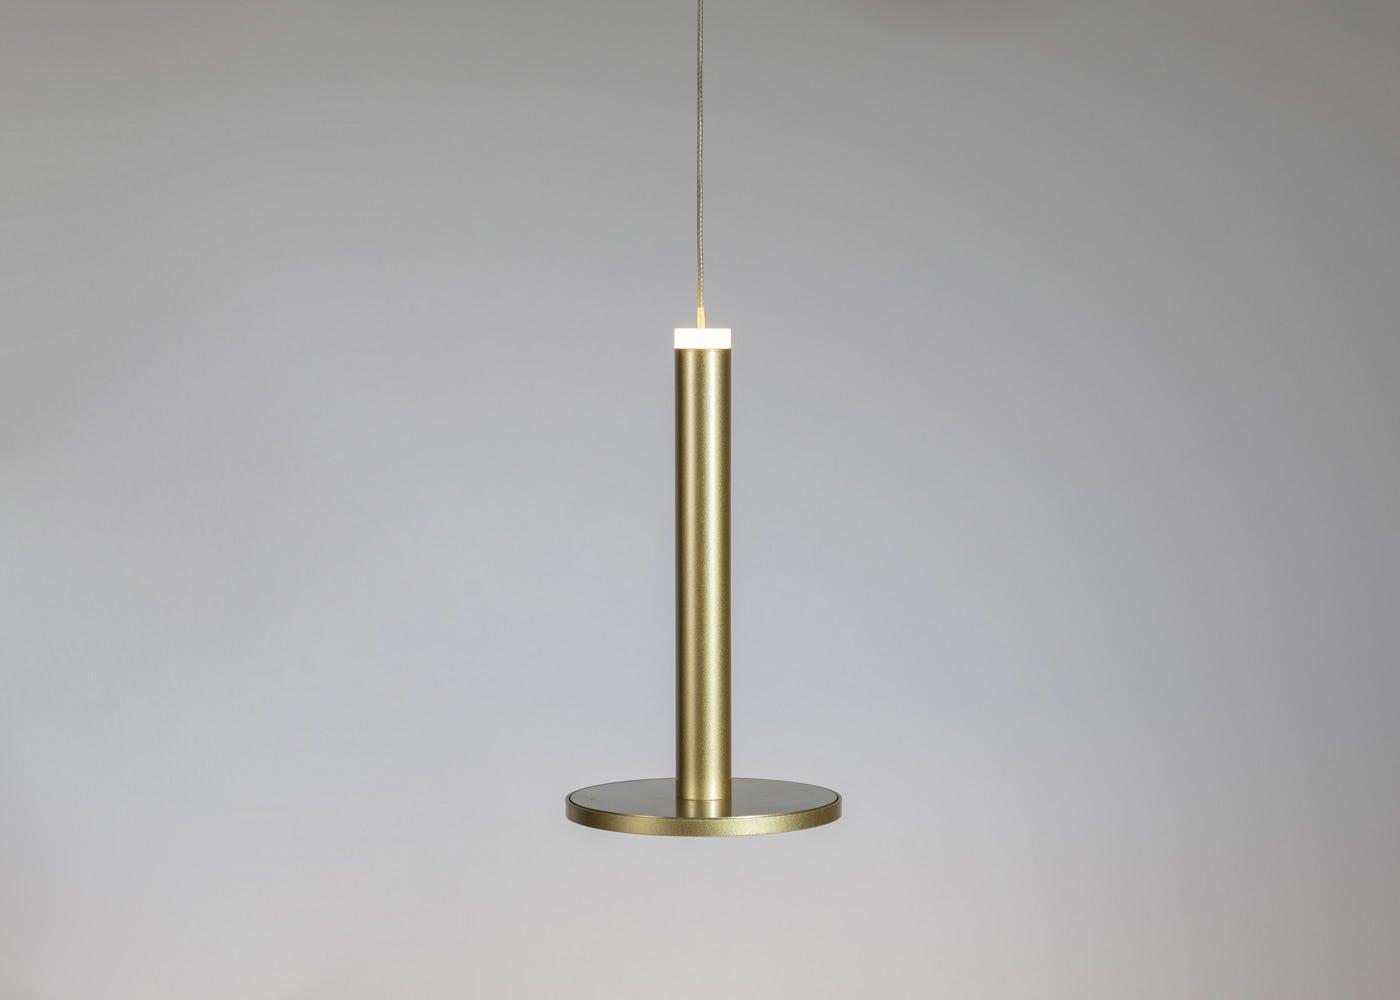 Disc LED Pendant light gold (on).